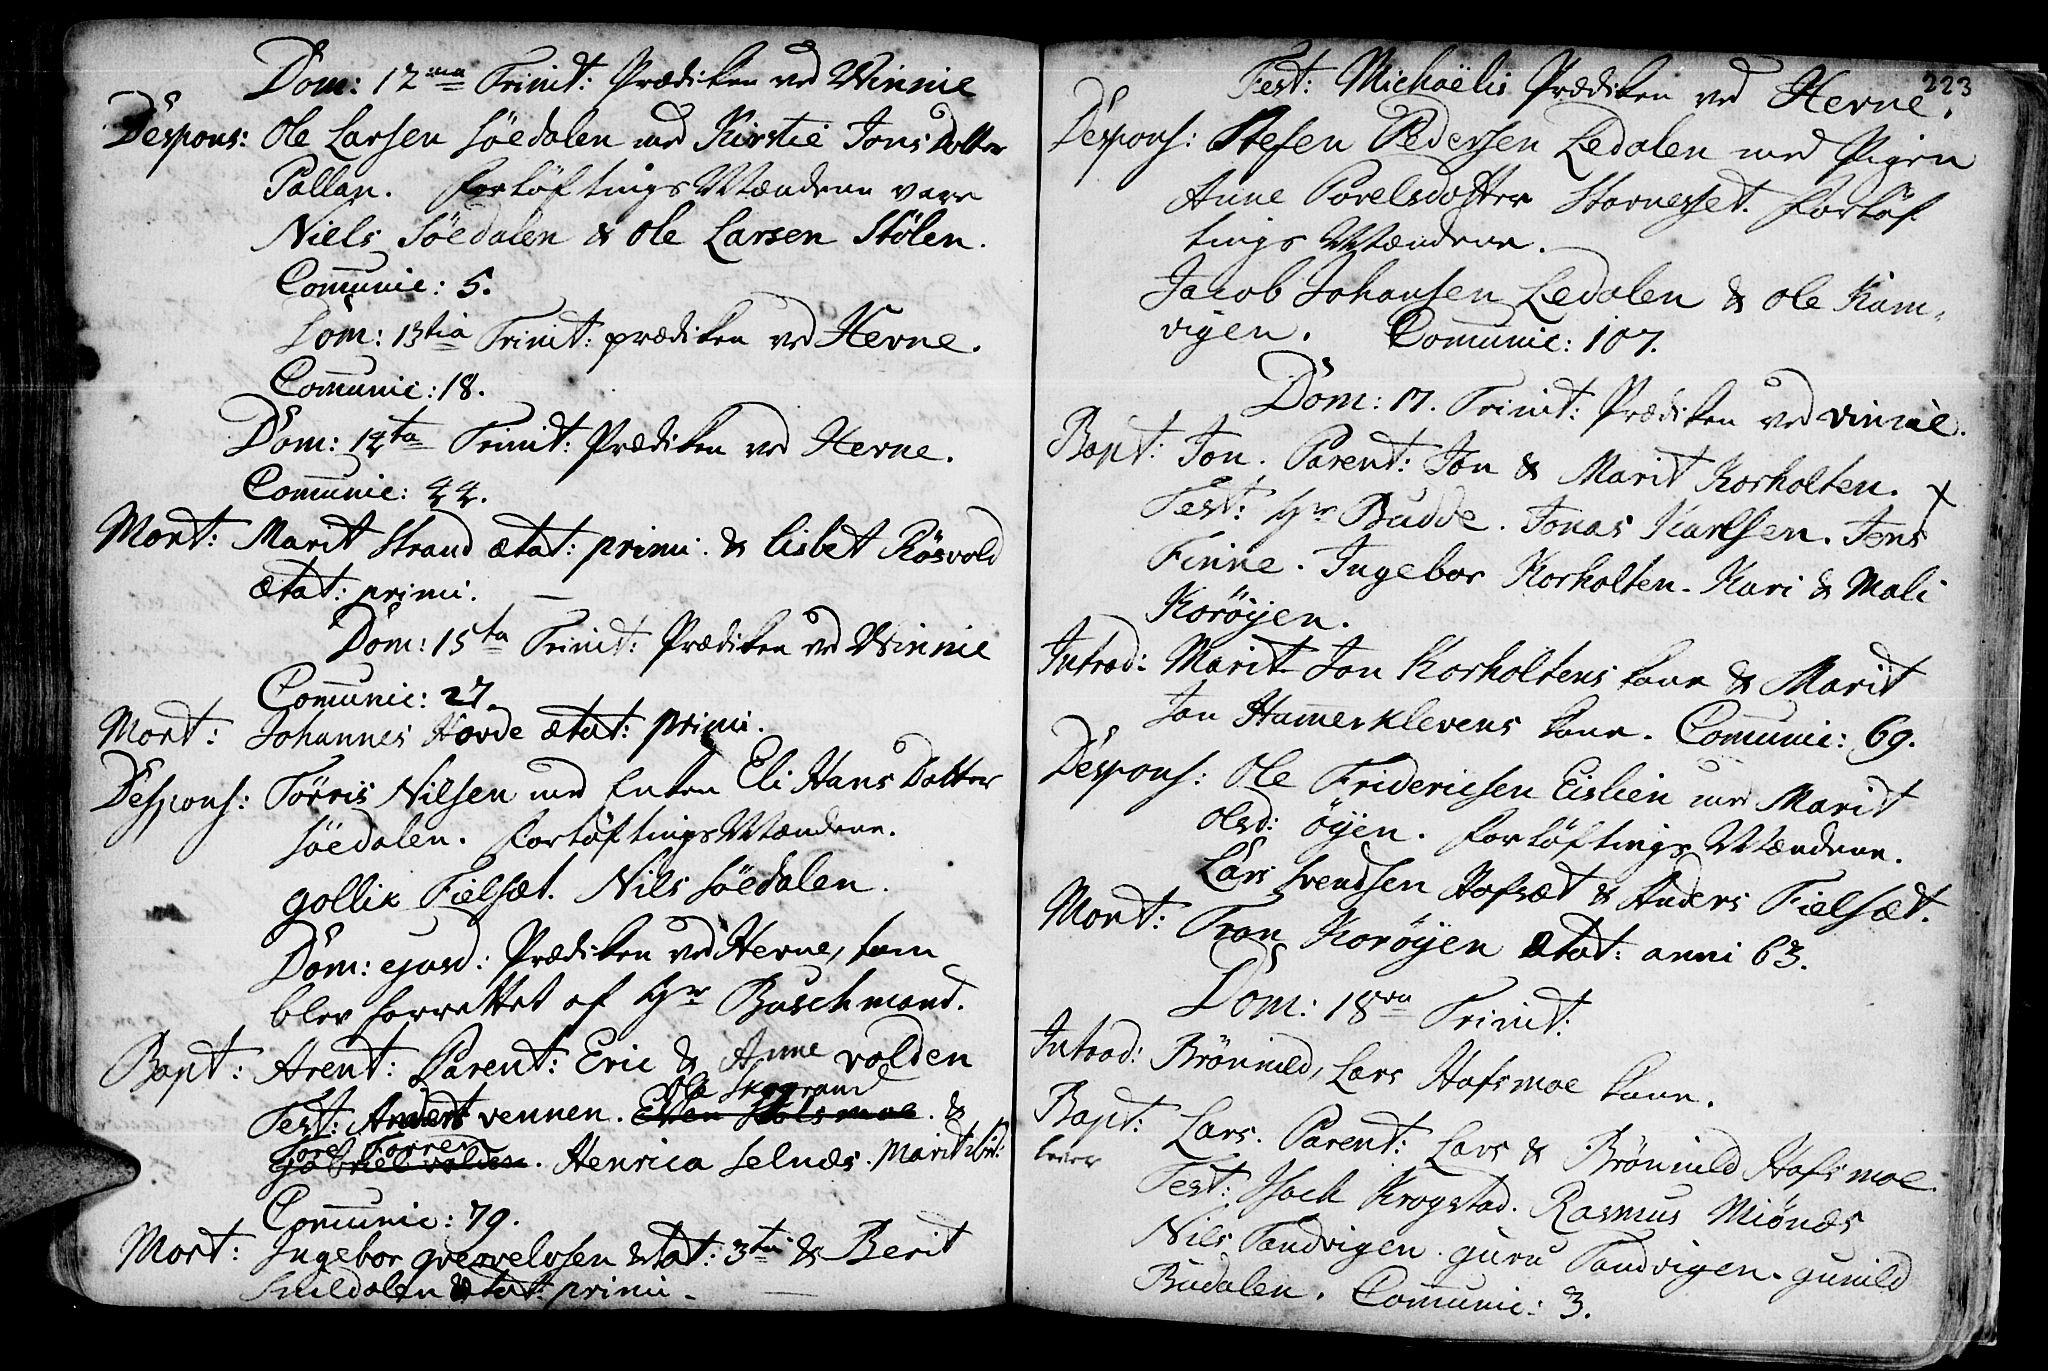 SAT, Ministerialprotokoller, klokkerbøker og fødselsregistre - Sør-Trøndelag, 630/L0488: Ministerialbok nr. 630A01, 1717-1756, s. 222-223